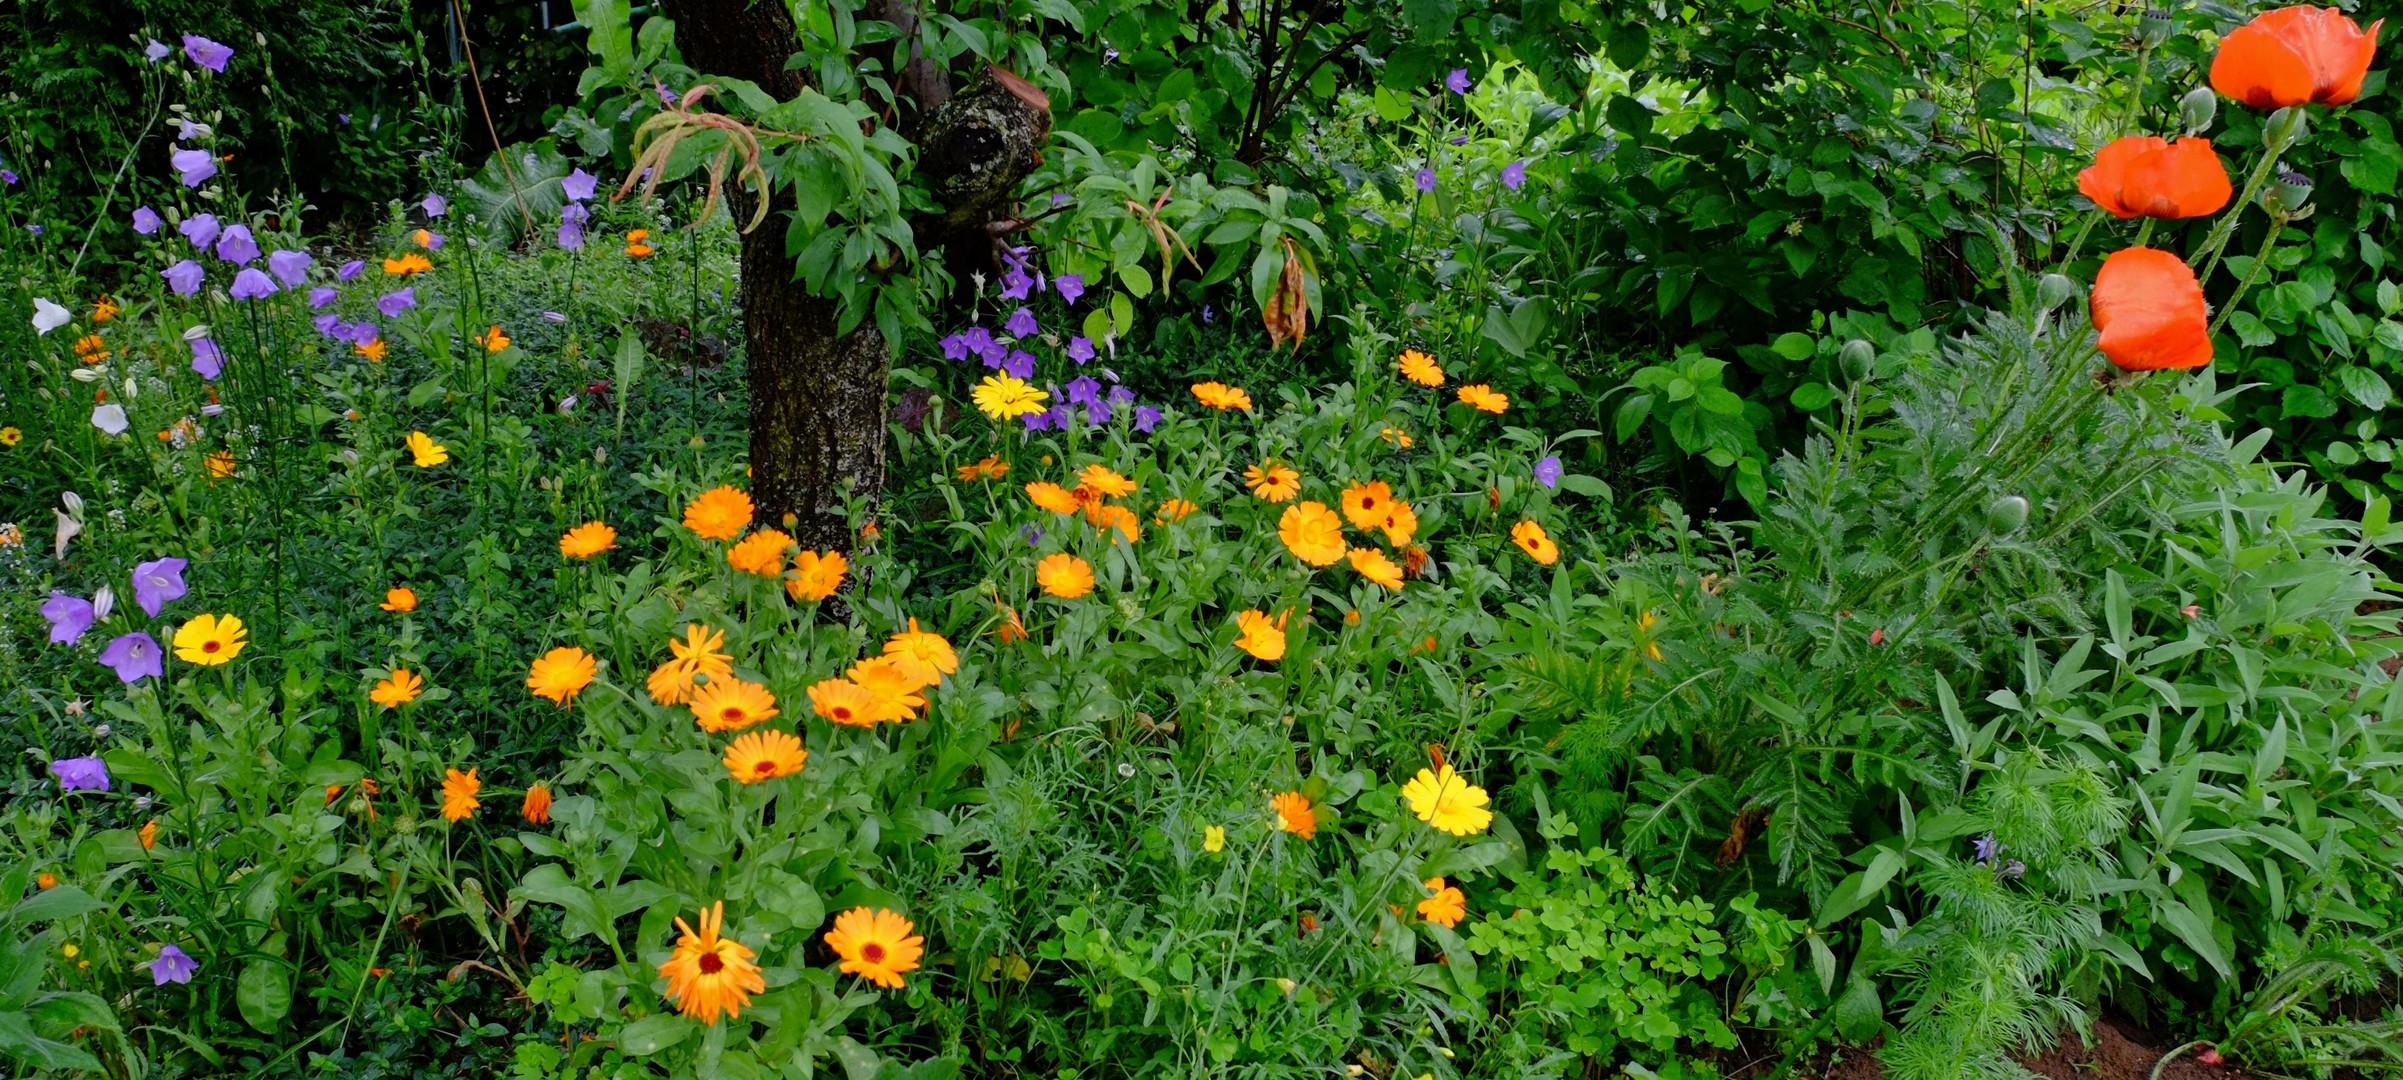 Garten-Impression 1